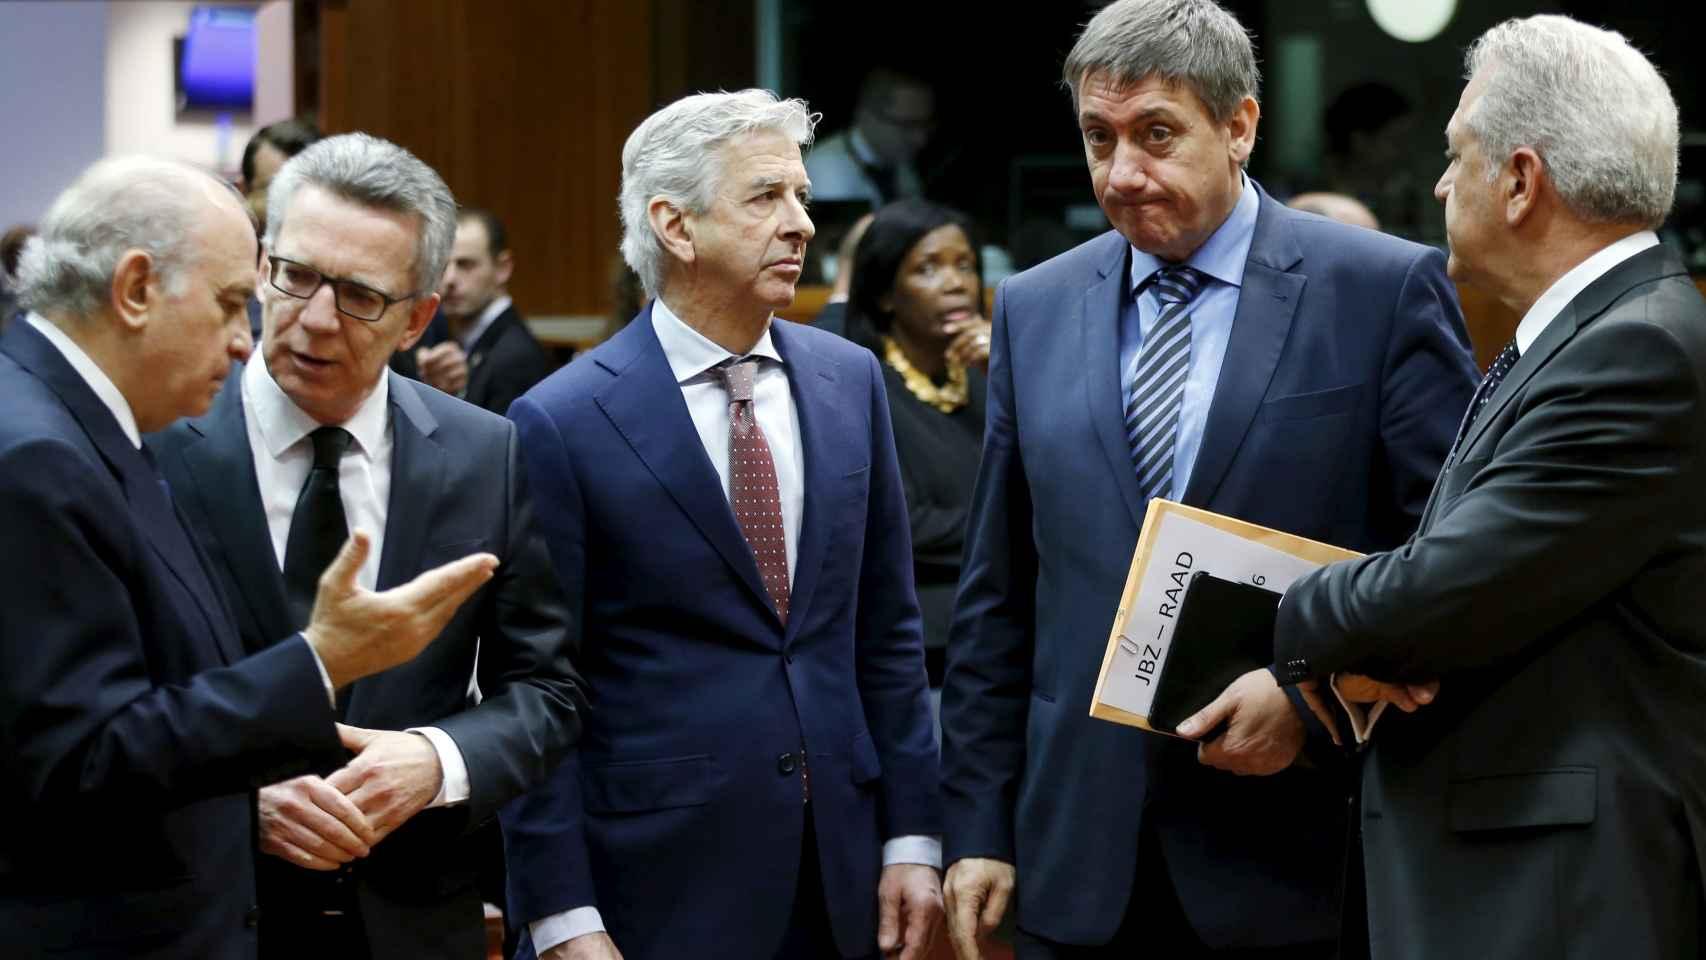 Los ministros de España, Alemania, Países Bajos y Bélgica junto al comisario europeo de Interior.